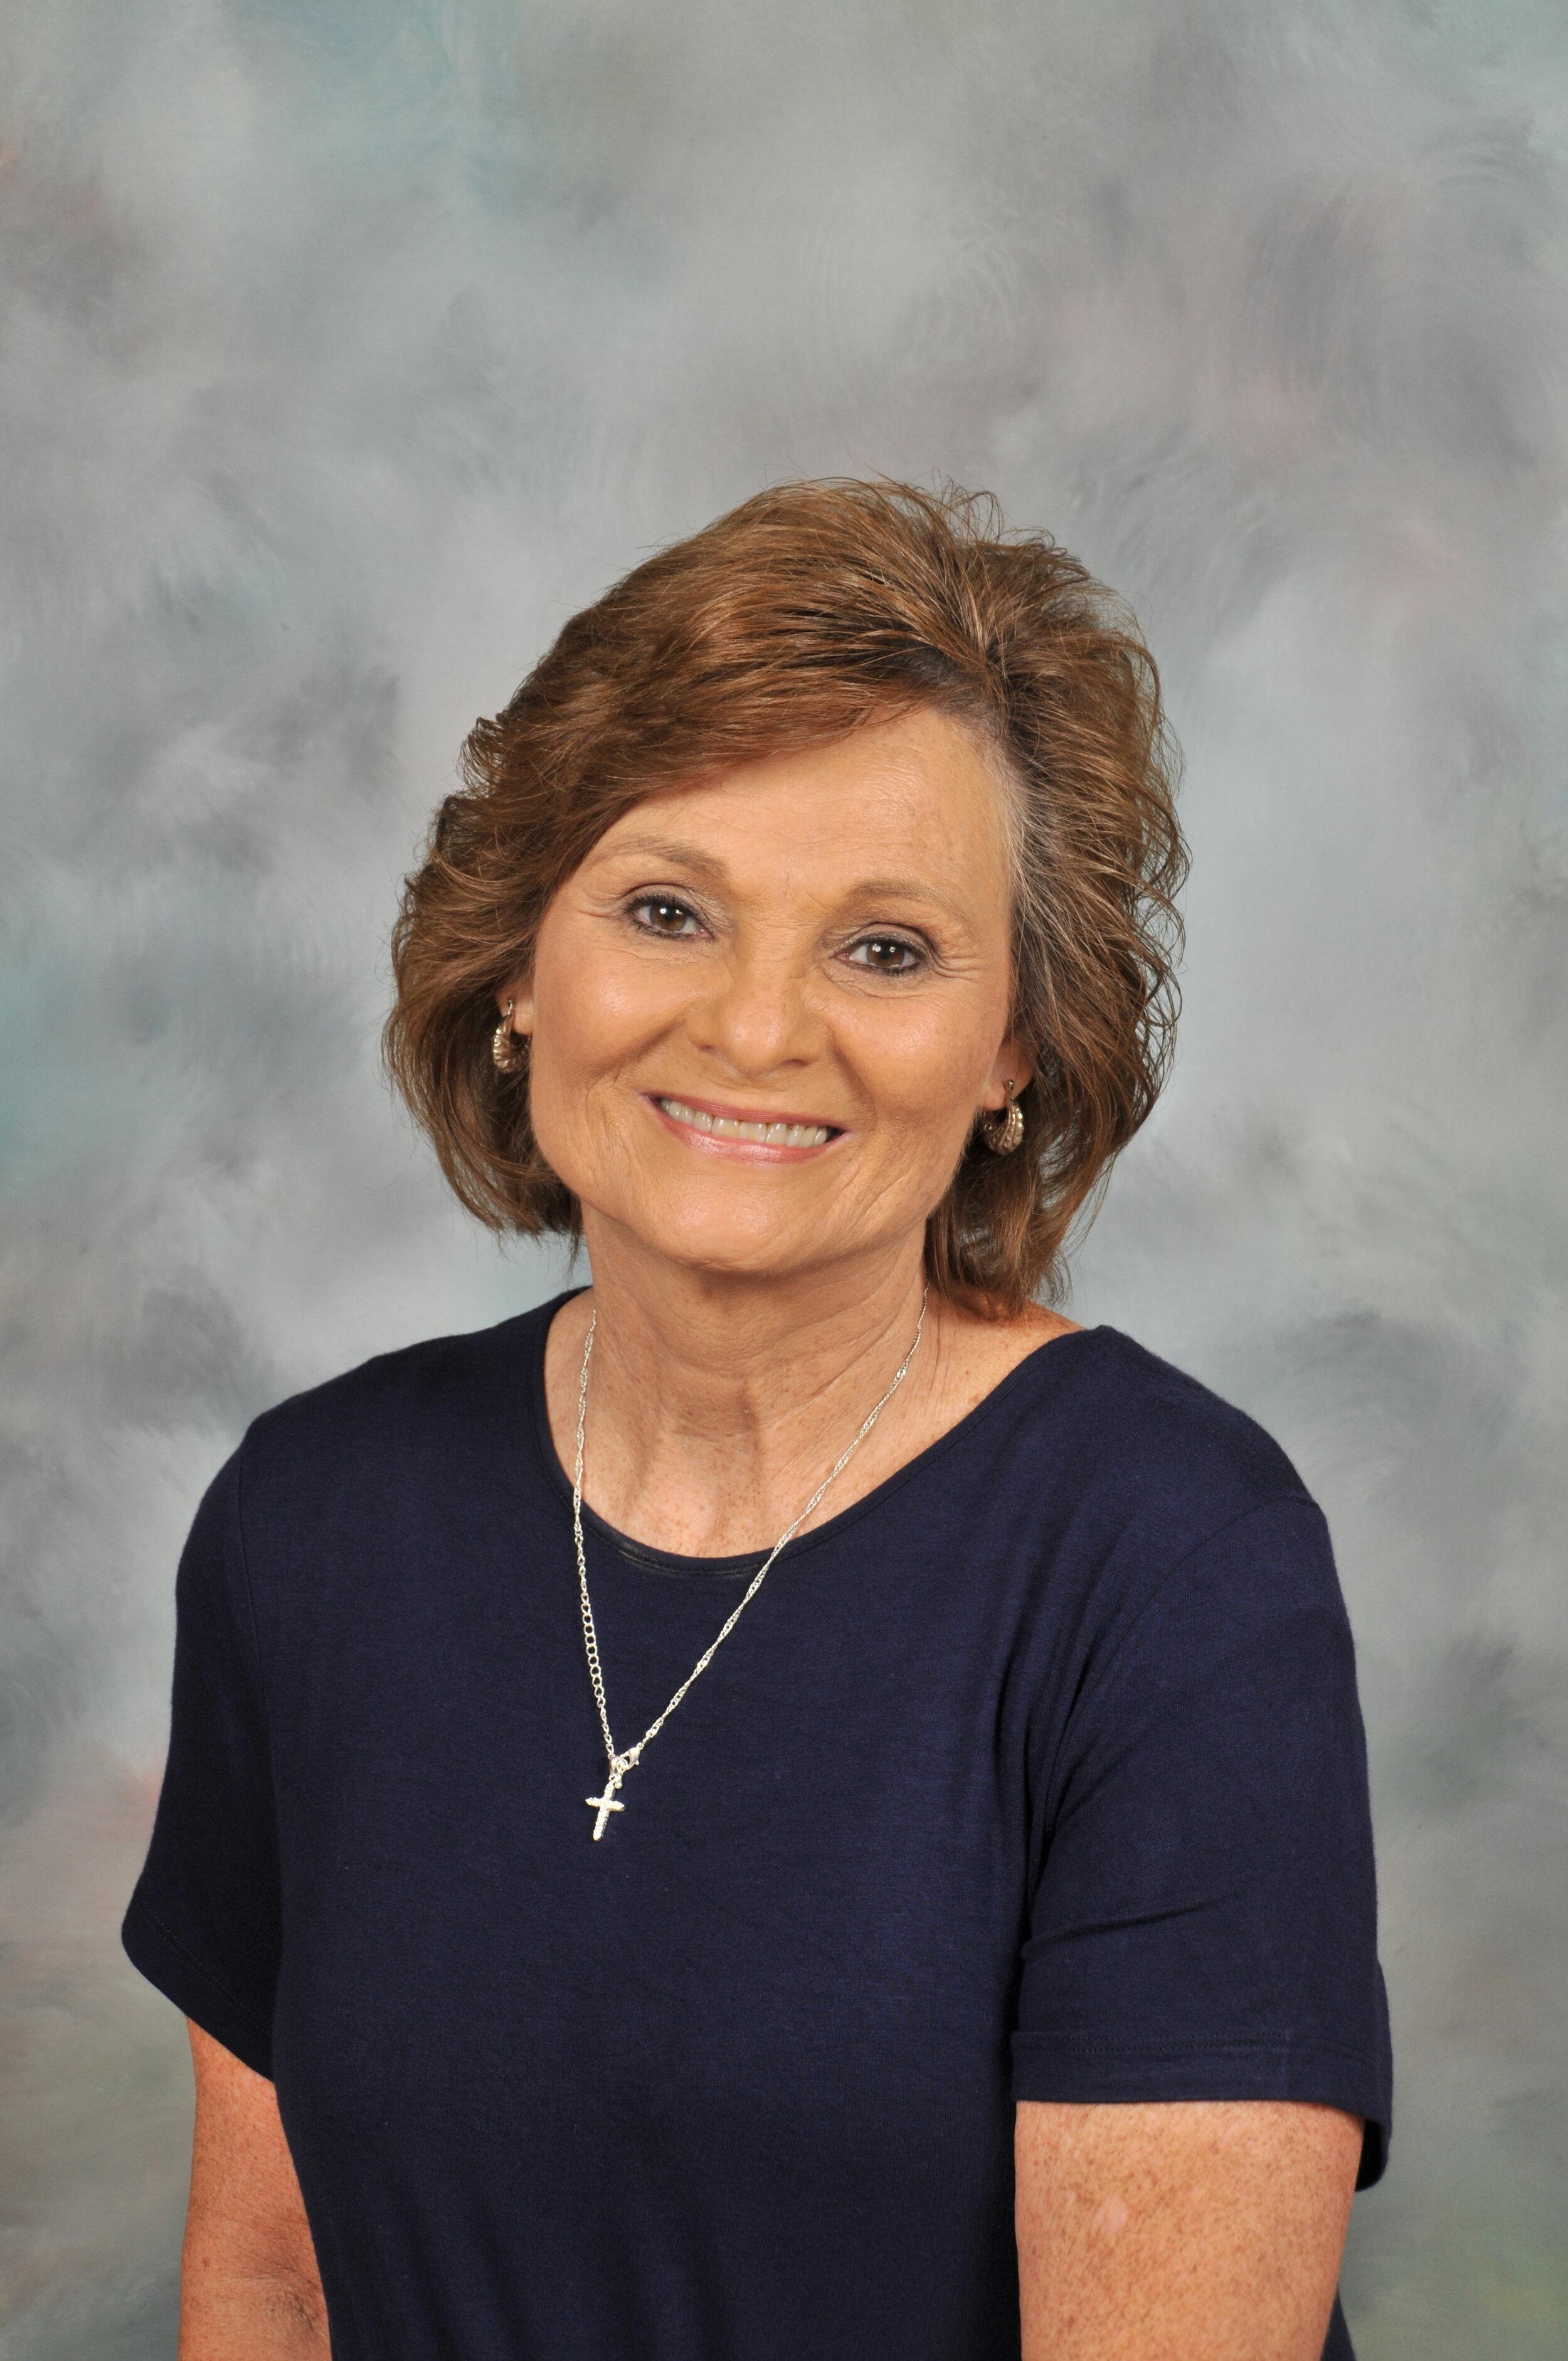 Pam Younger, Kindergarten